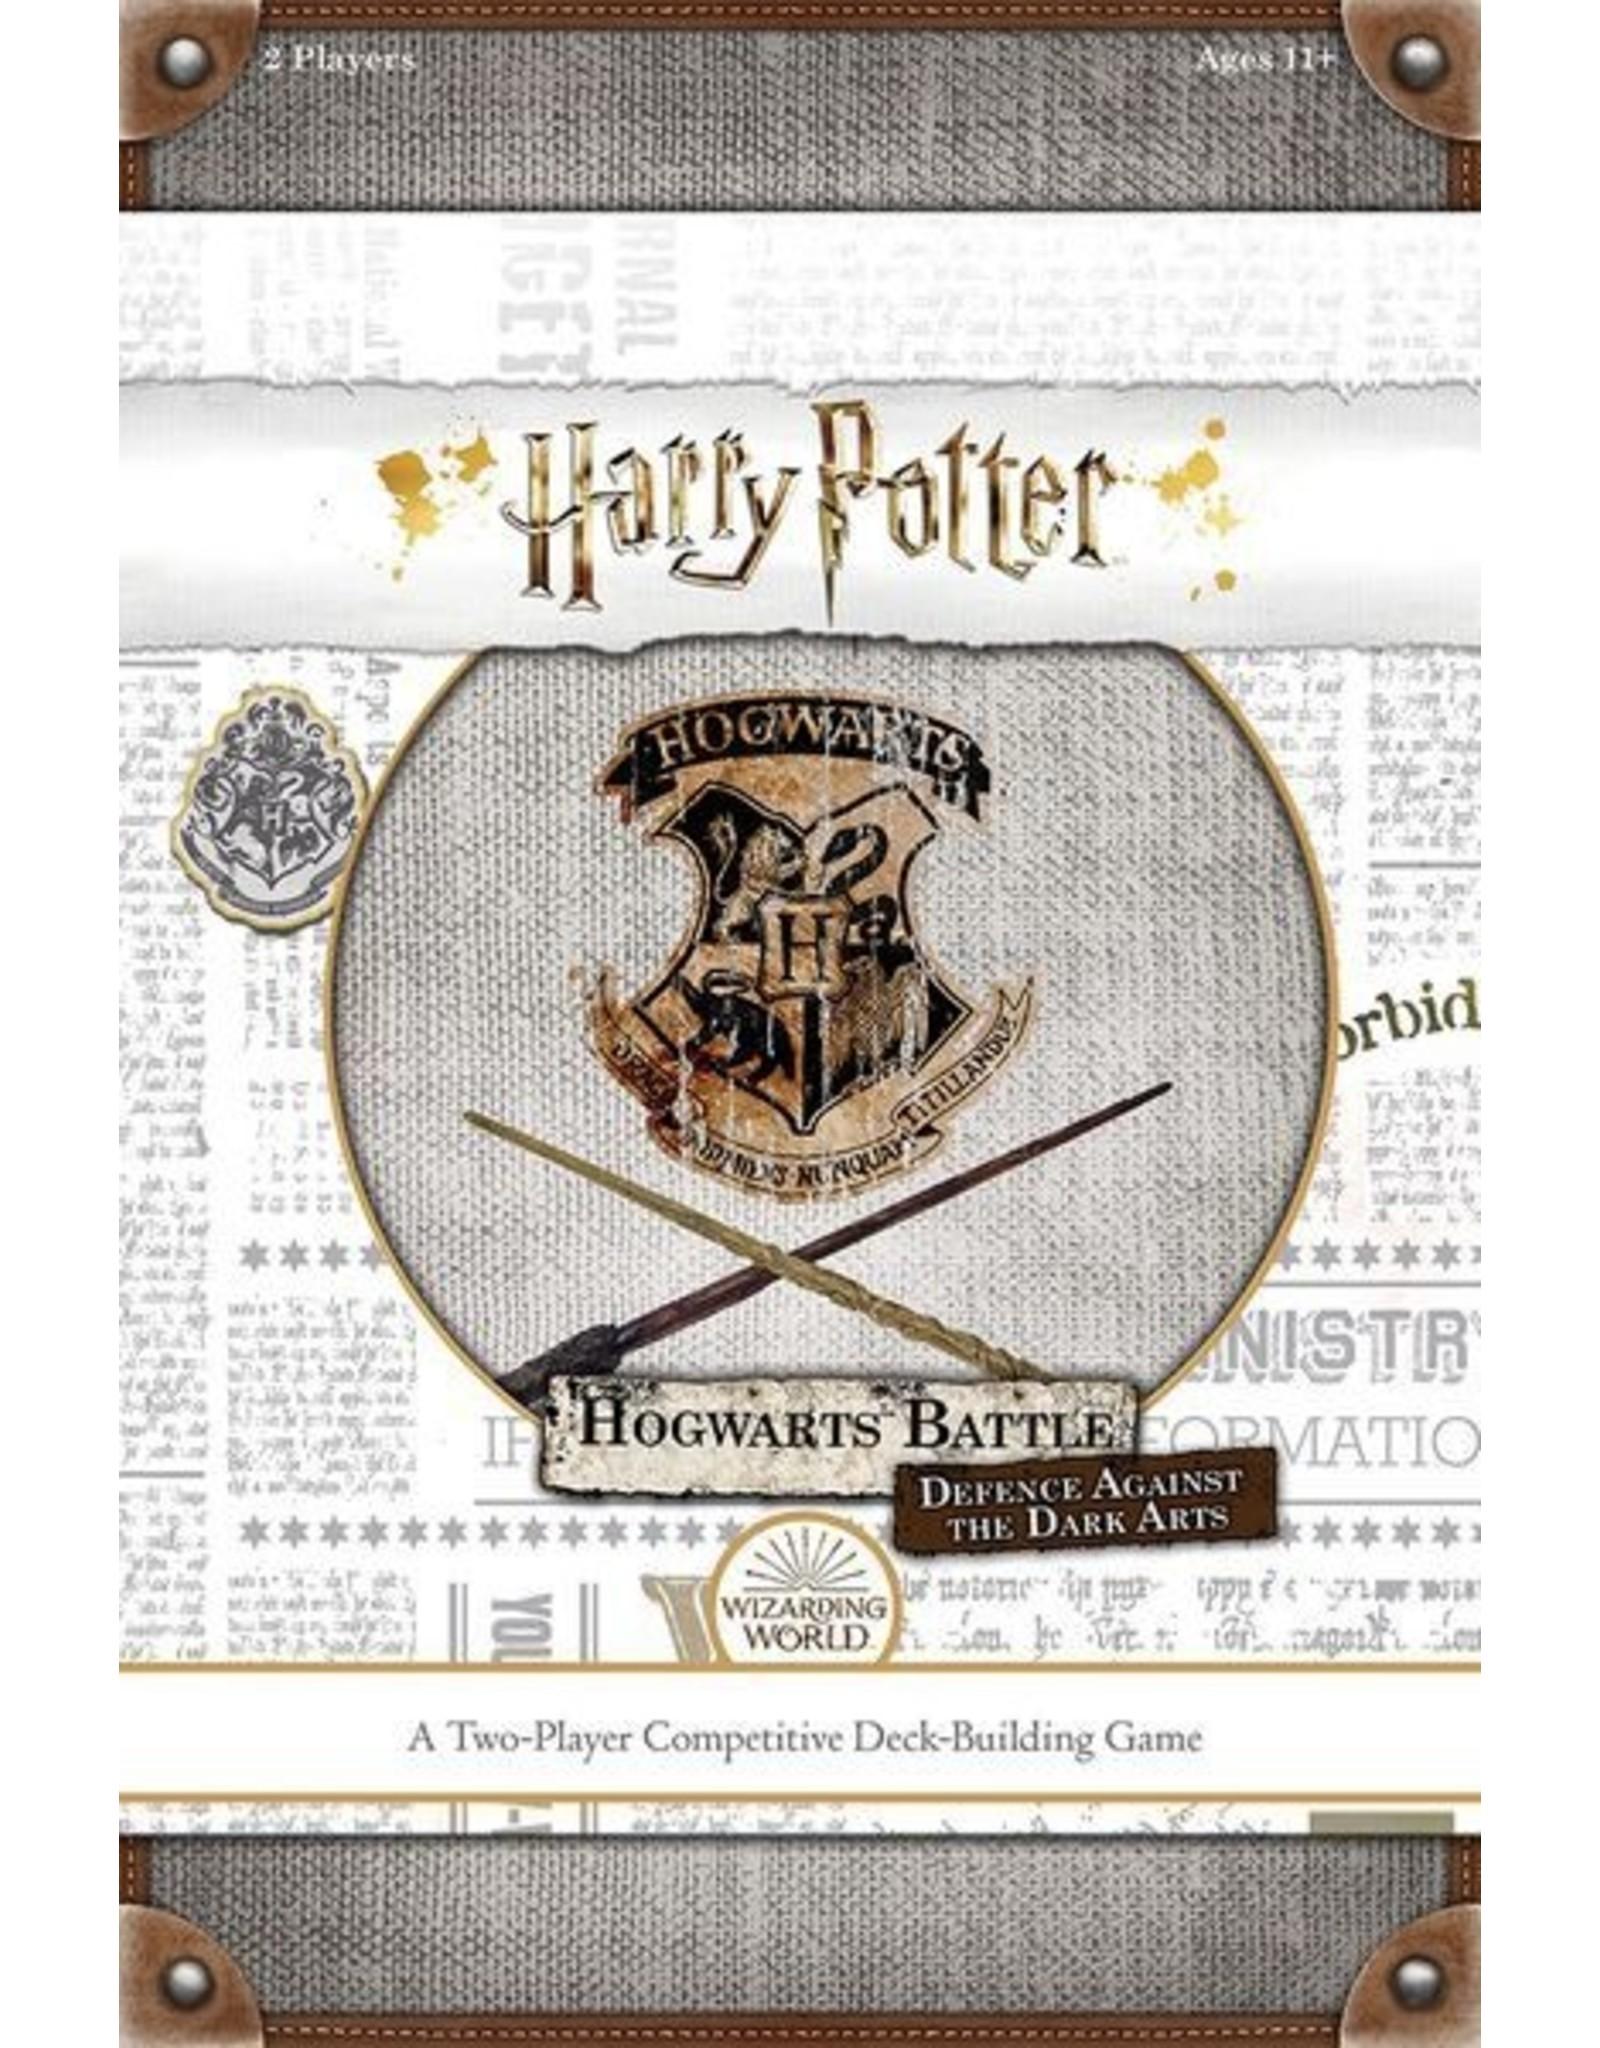 Harry Potter Hogwarts Battle: Defence Against the Dark Arts